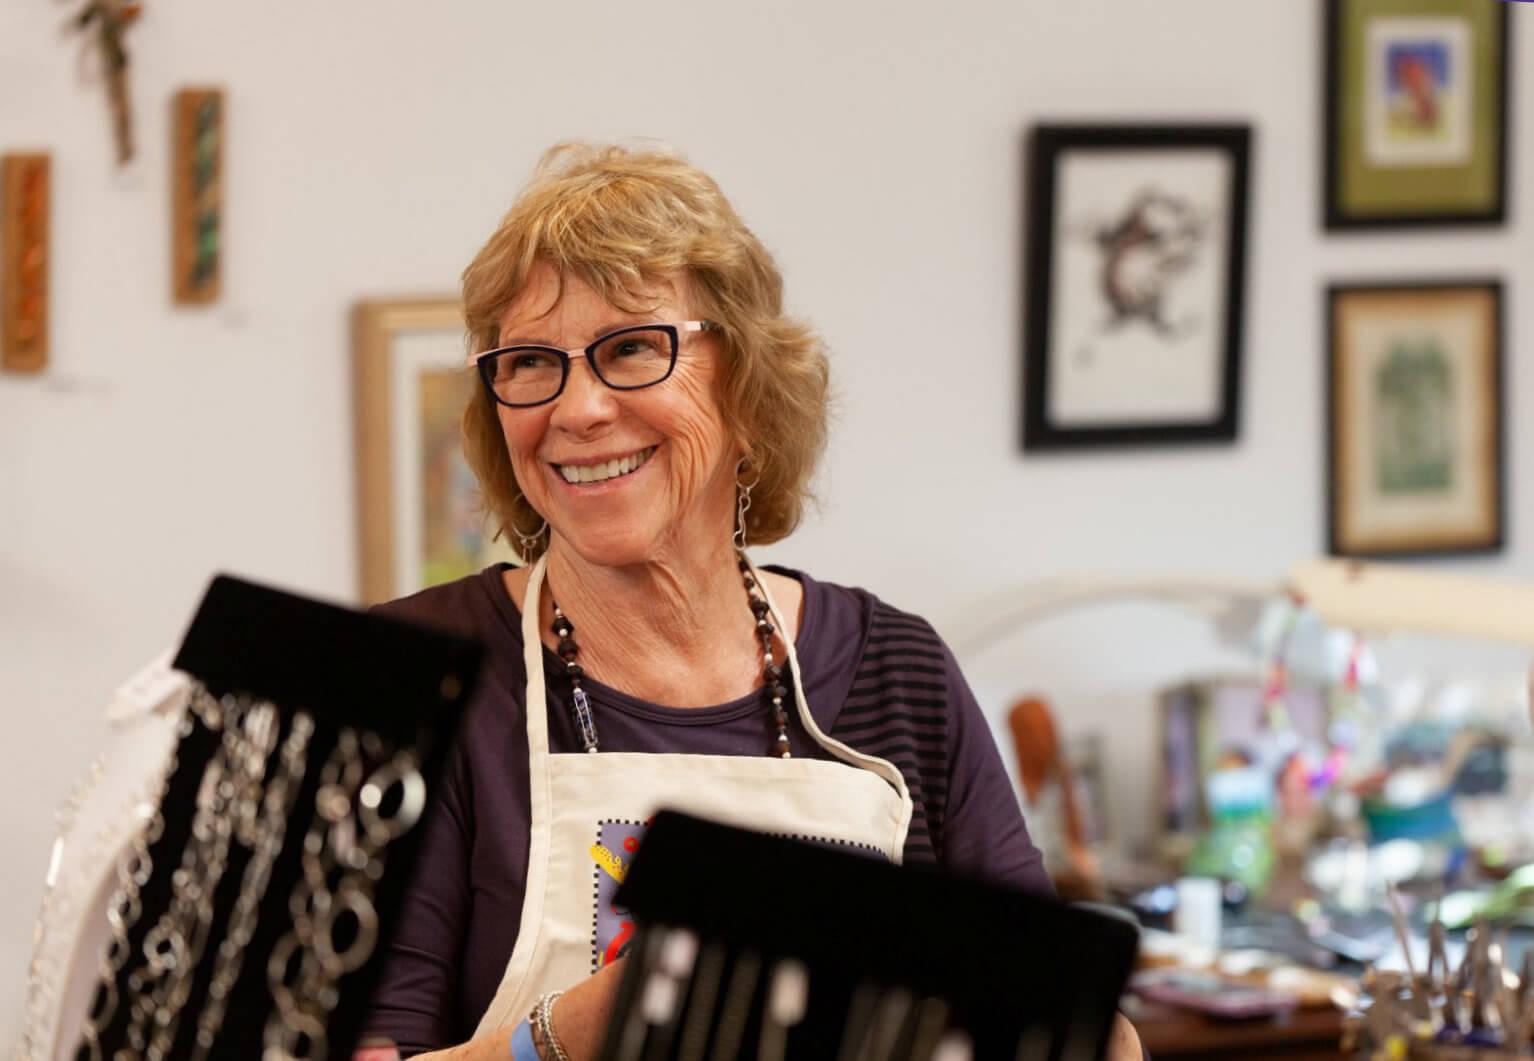 Susan Hazer